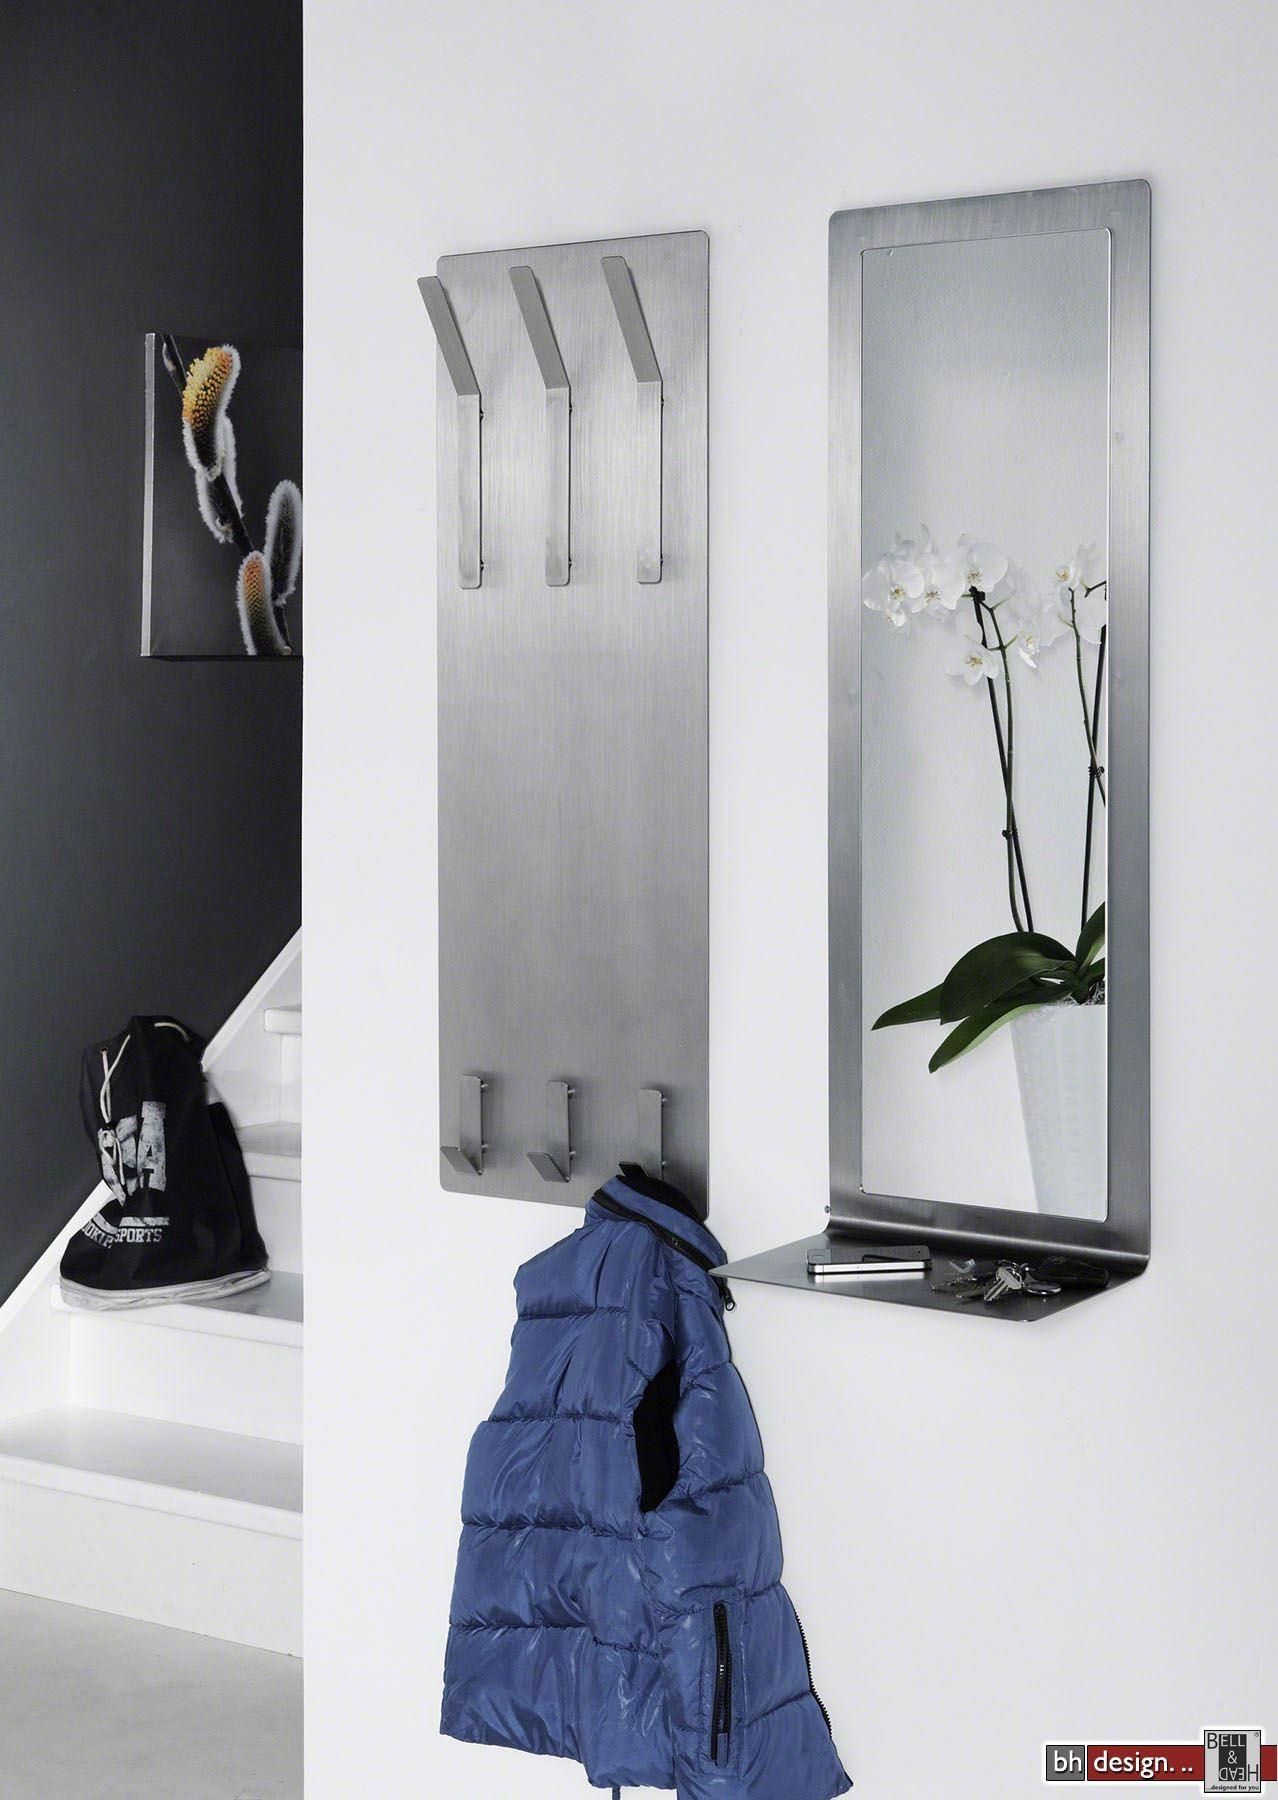 Faszinierend Edelstahl Garderobe Ideen Von Carry Line Mit 6 Haken Gebürstet 36